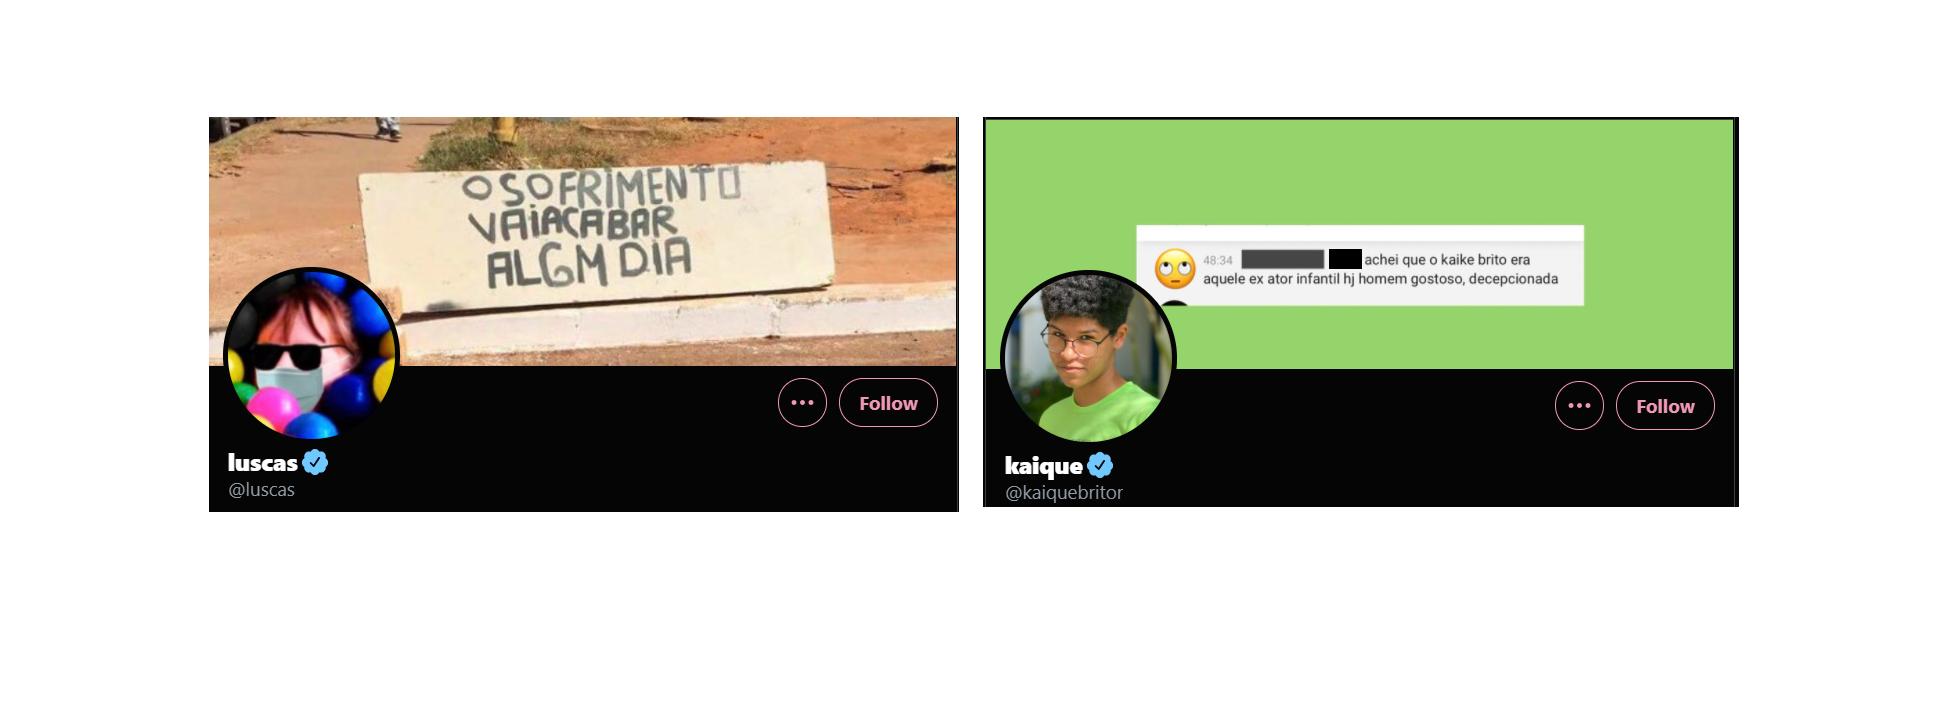 """Capa para Twitter: Na capa do Luscas, uma tela com a frase """"o sofrimento vai acabar algum dia"""". Na do Kaíque, é um print de resposta em uma rede social com a frase: """"achei que o kaique brito era aquele ex ator infantil hj homem gostoso, decepcionada""""."""